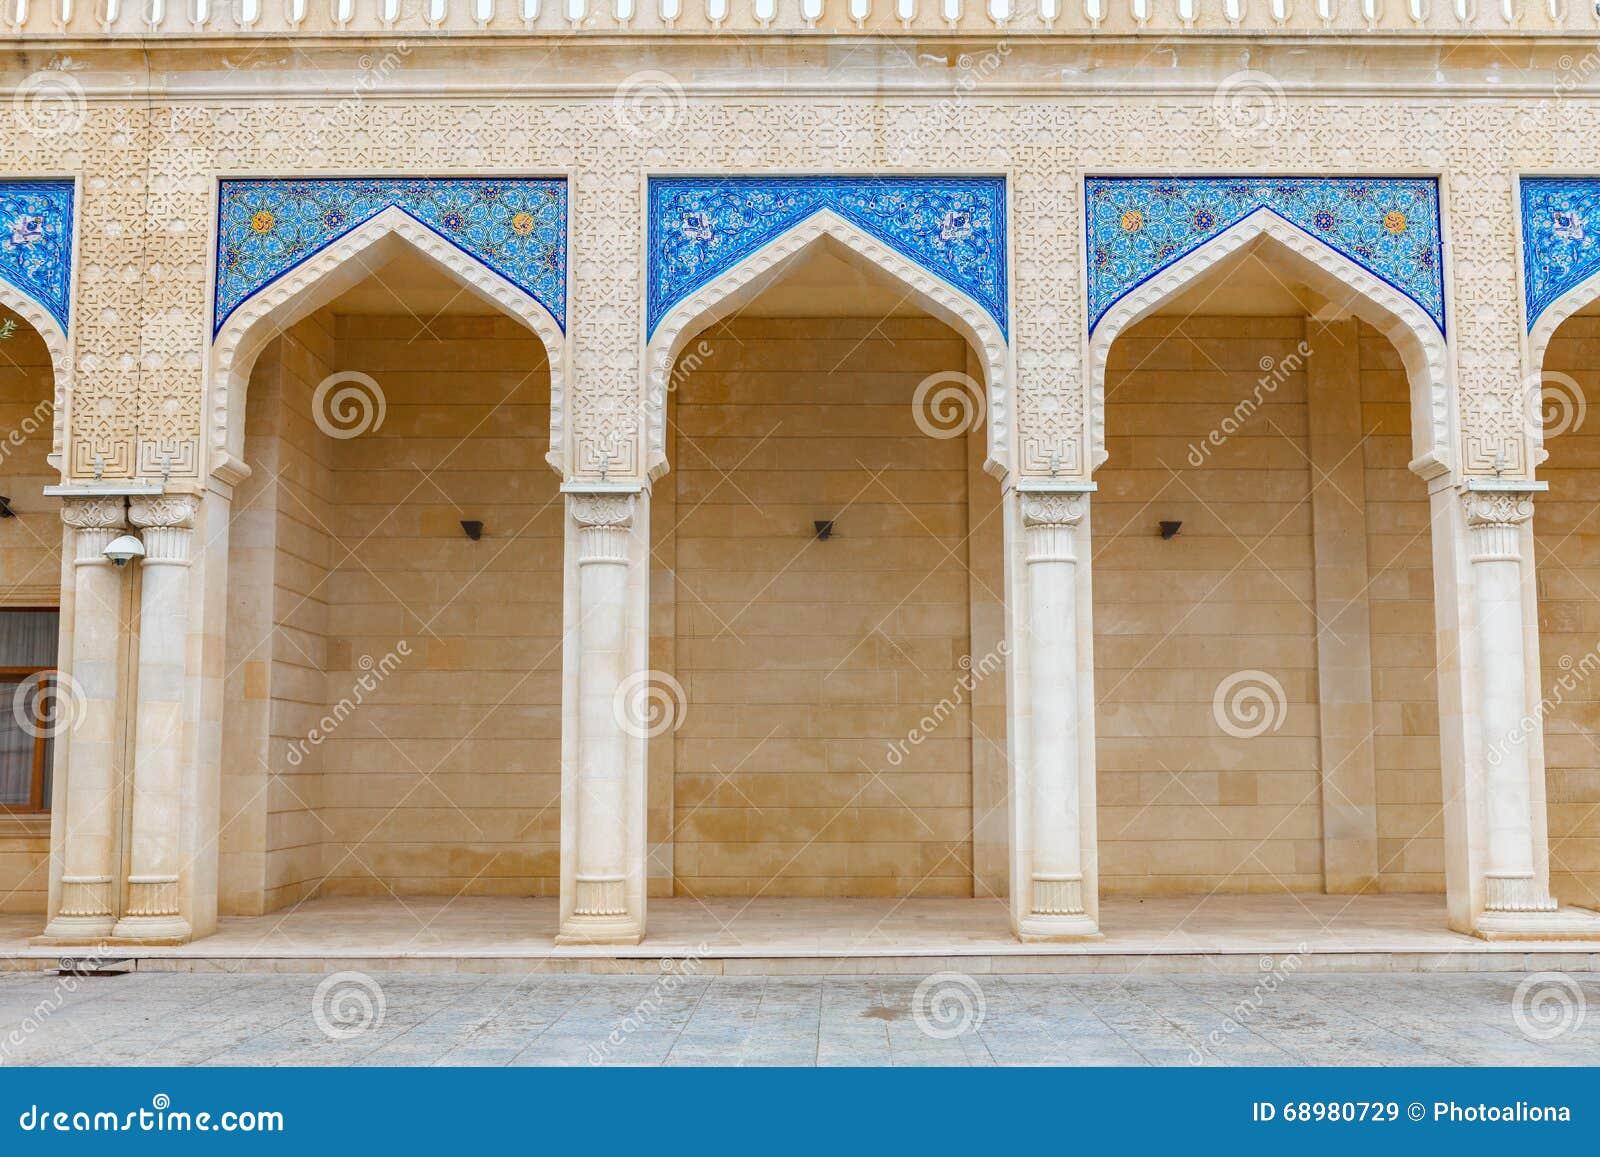 Mezquita de Juma, Samaxi Cume Mescidi, en Shamakhi, Azerbaijan